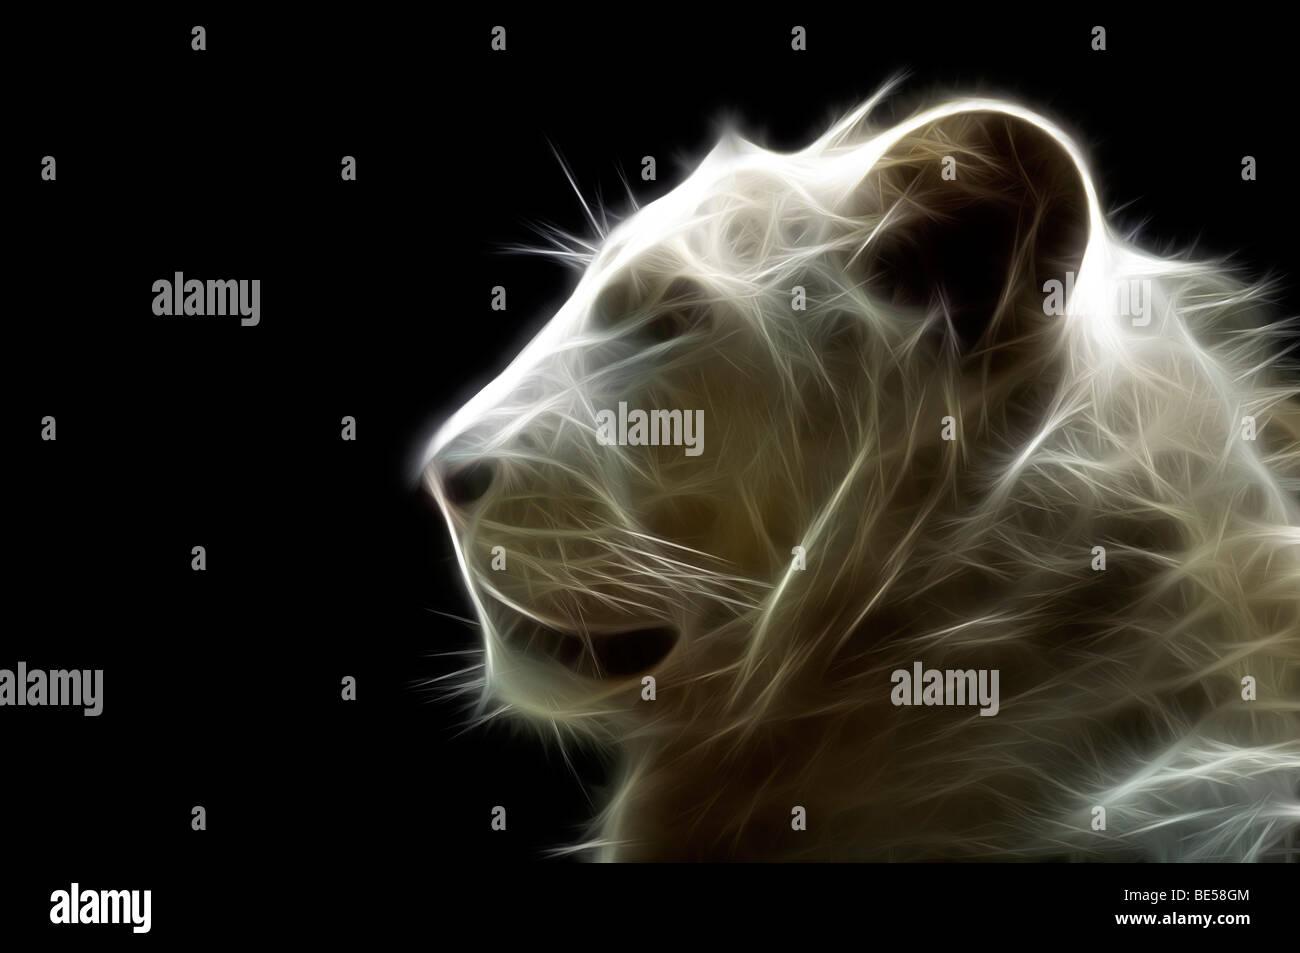 Un chef d'un illustré numériquement white lion (Panthera leo). Portrait d'un lion blanc ( Dessin assisté par ordinateur). Banque D'Images